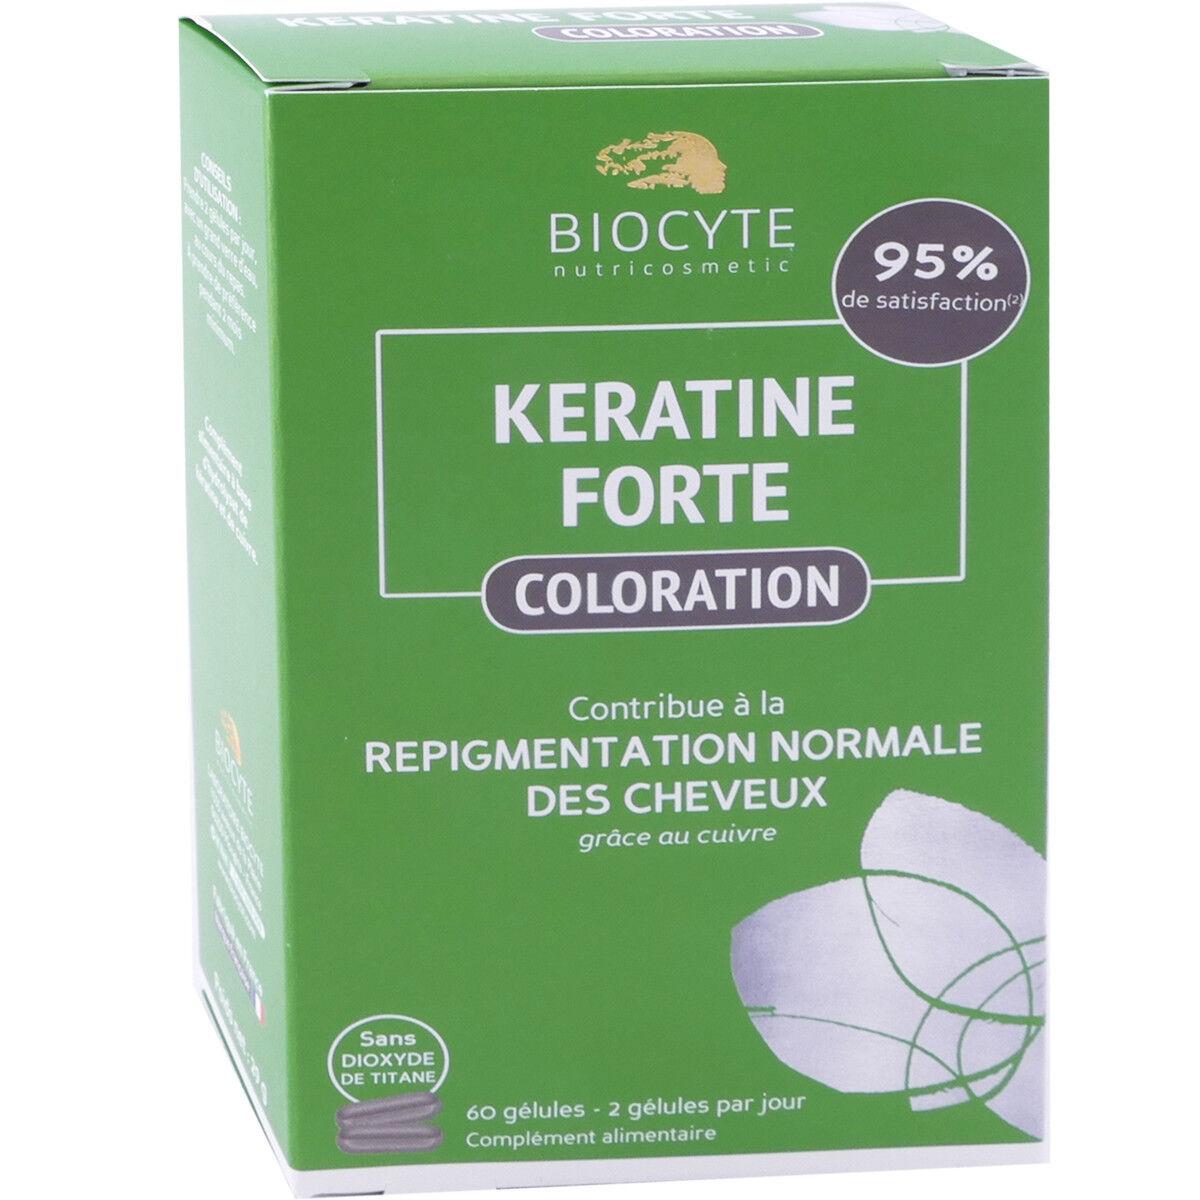 Biocyte keratine forte coloration 60 gÉlules